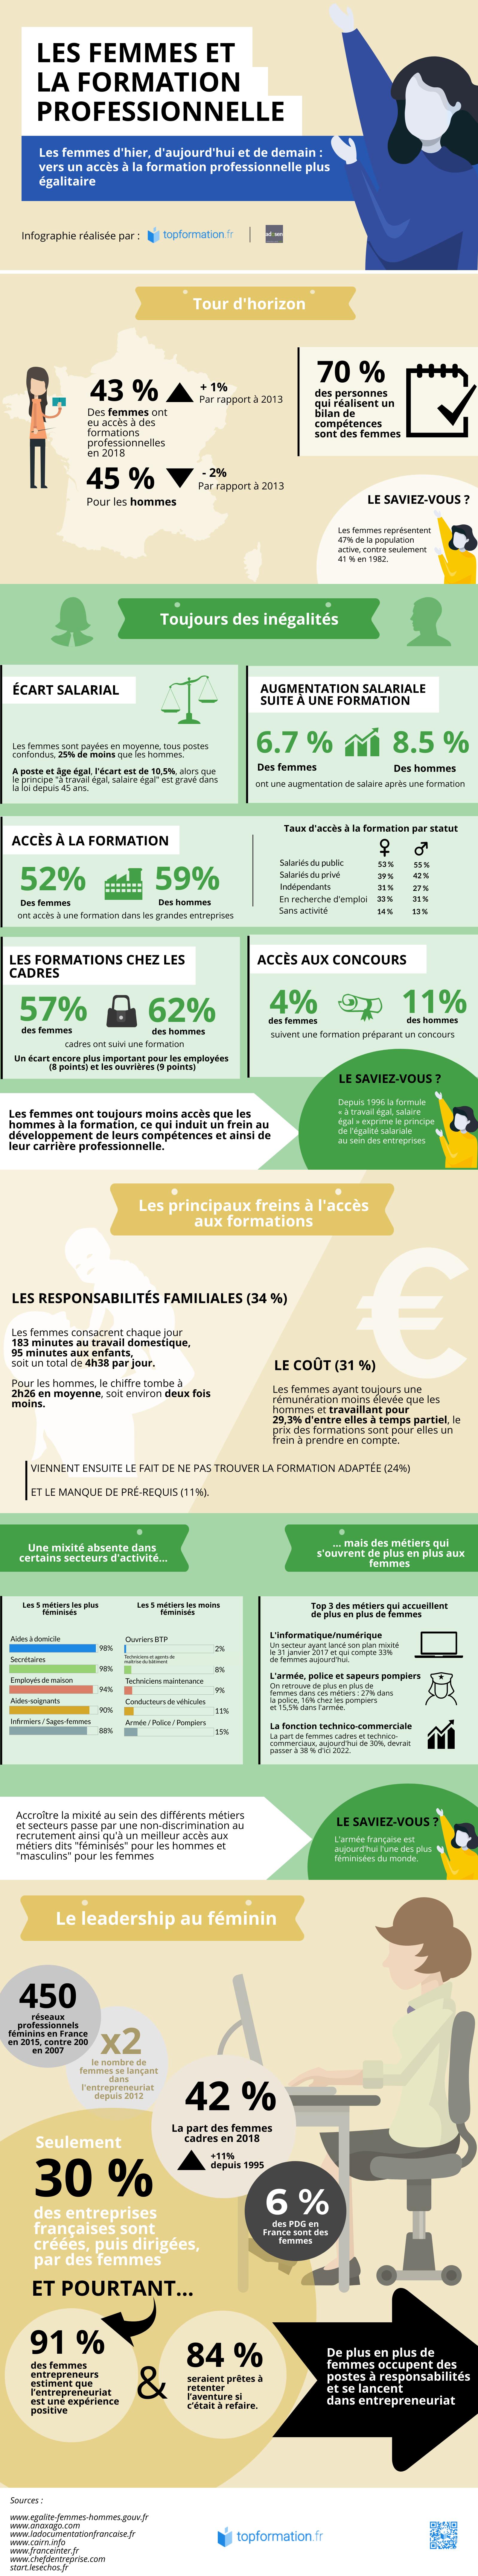 La place de la femme dans la formation professionnelle – une infographie topformation.fr